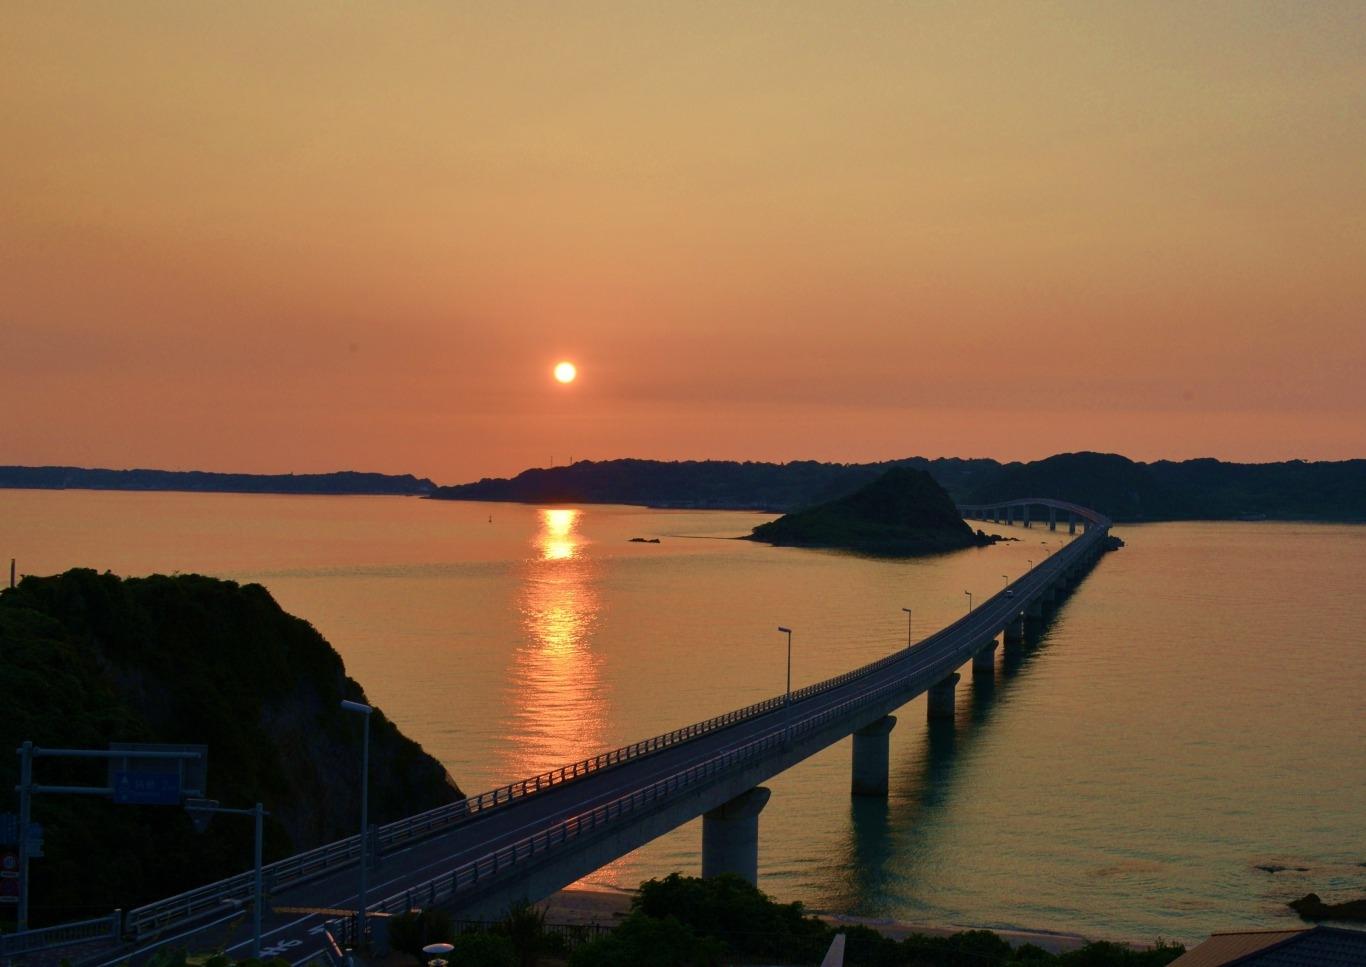 3. 角岛大桥